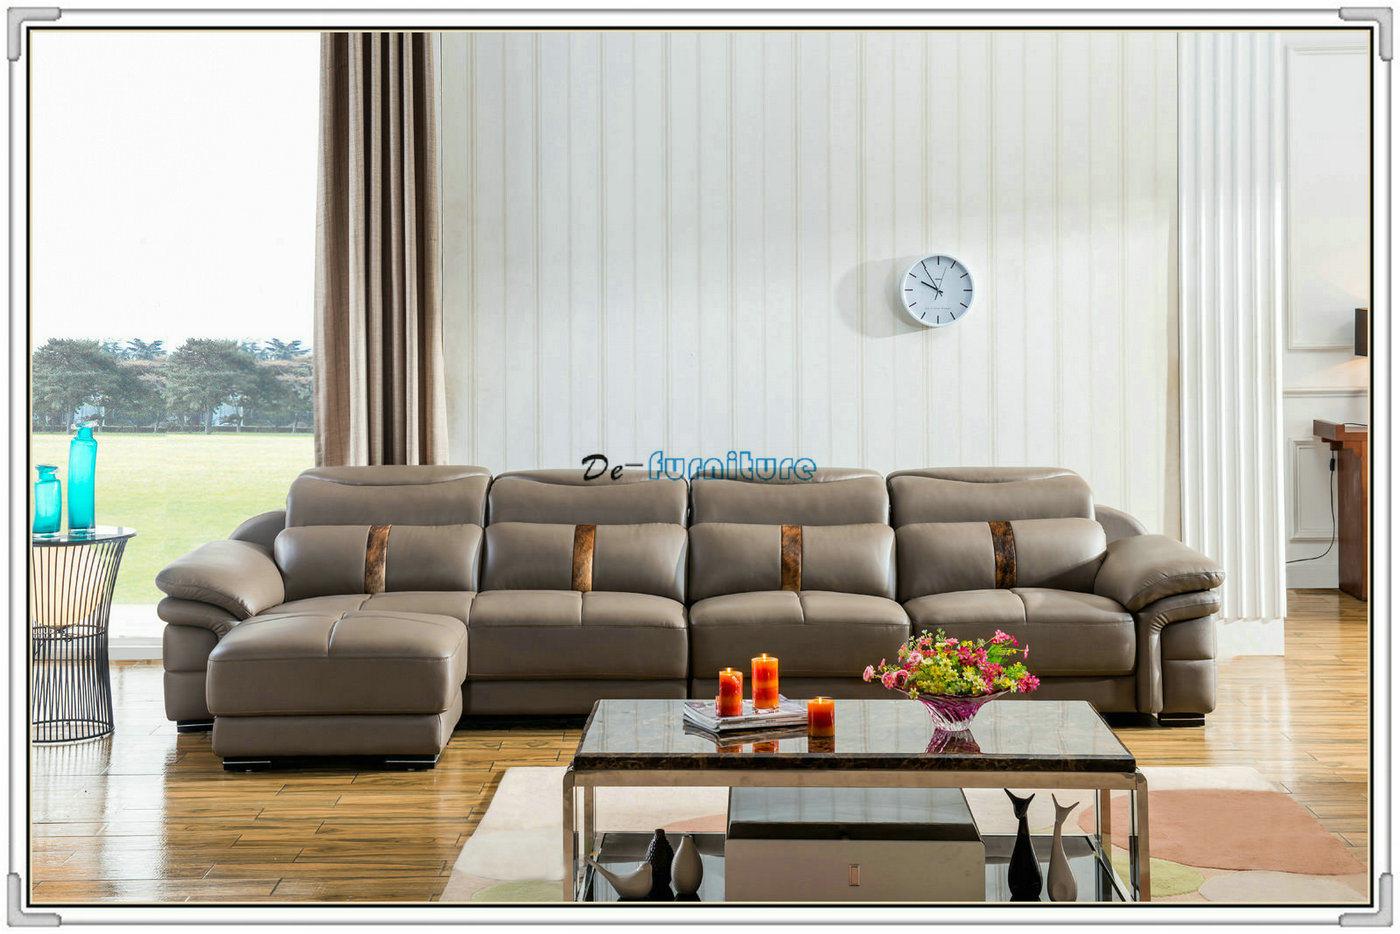 Foto de La alta calidad Sala de estar sofá de cuero muebles (M221 ...